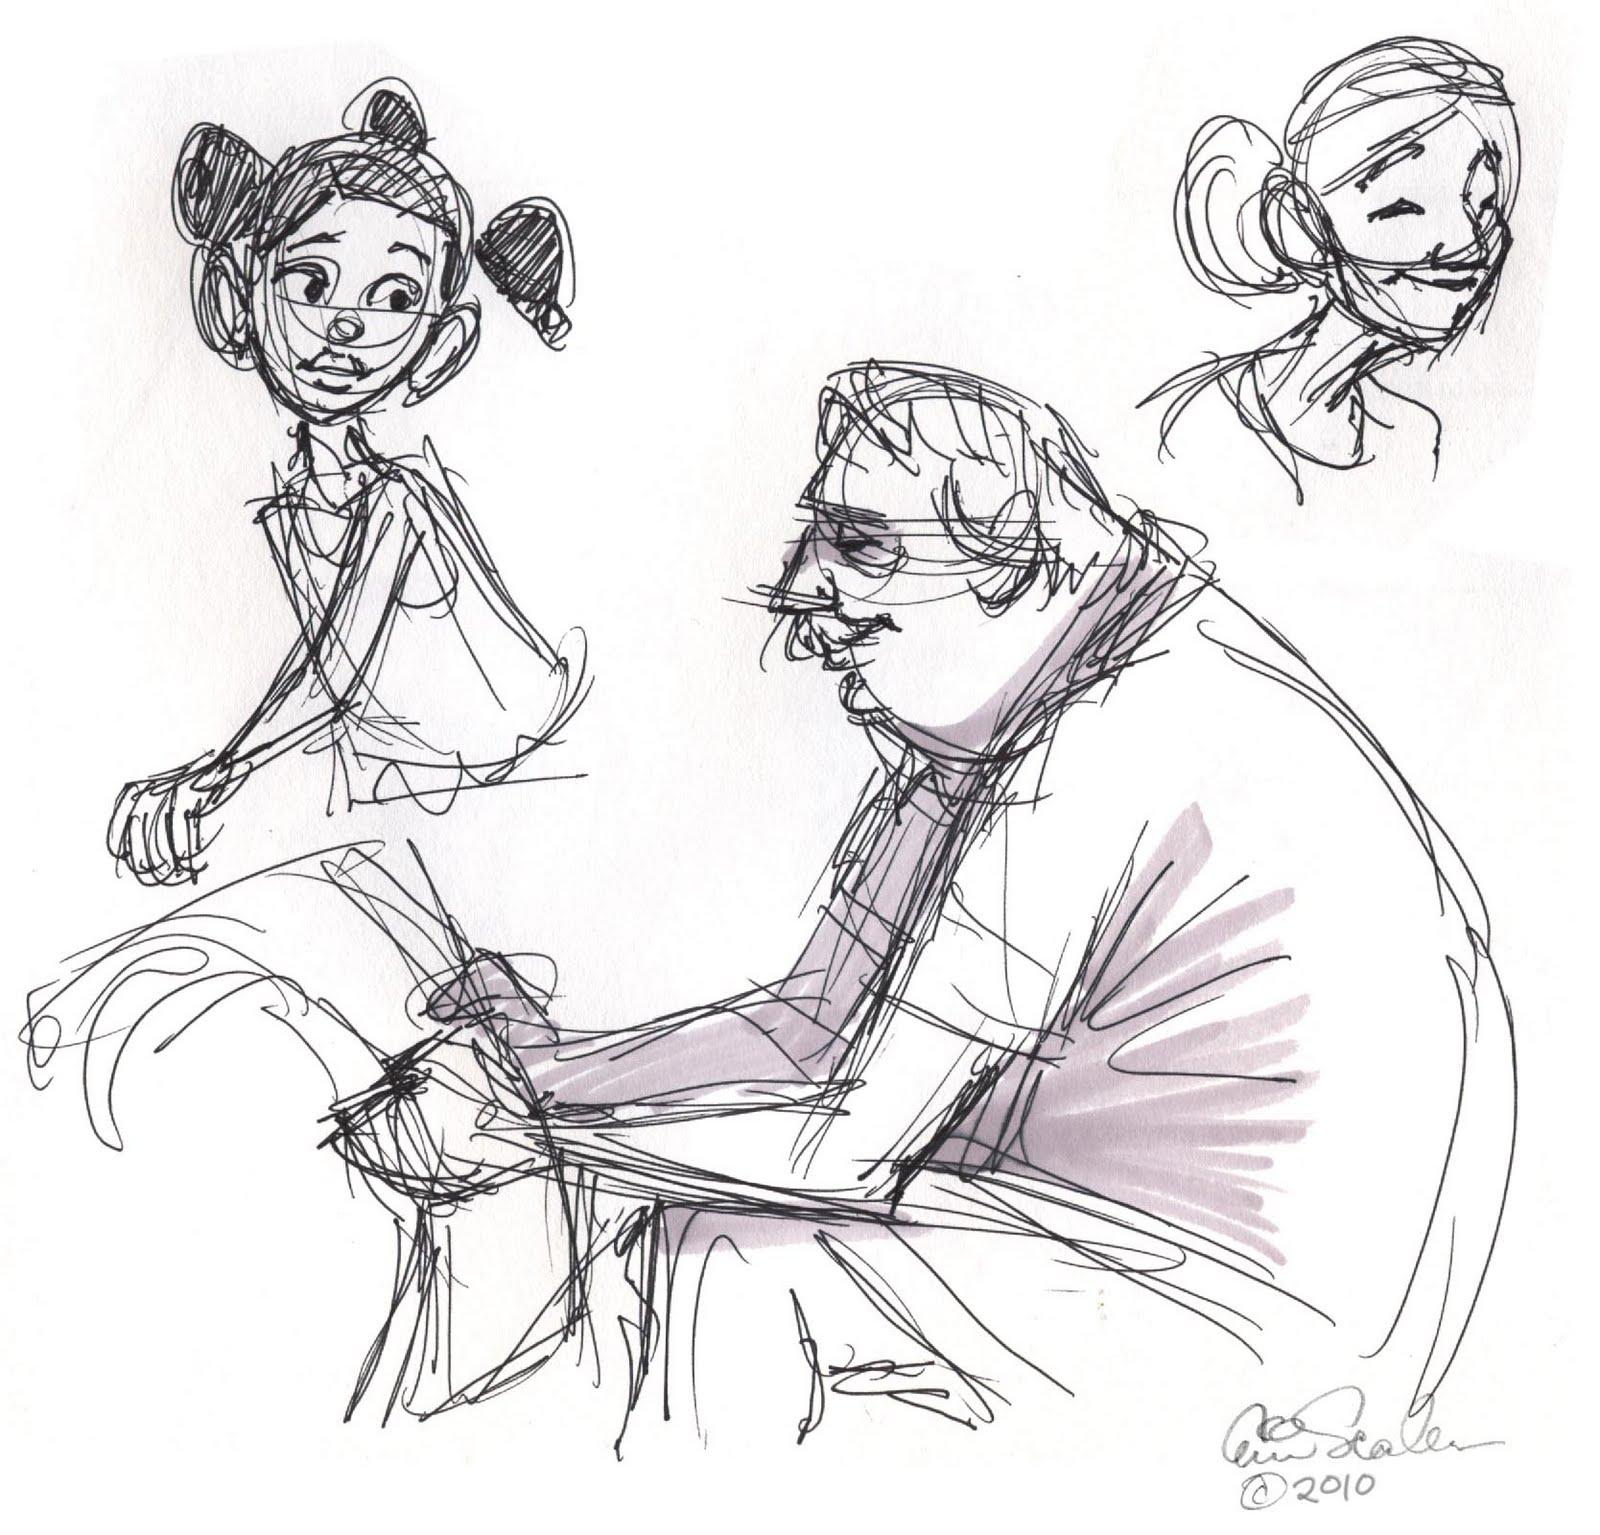 Drawings Of People: The Ol' Sketchbook: The People In My Neighborhood